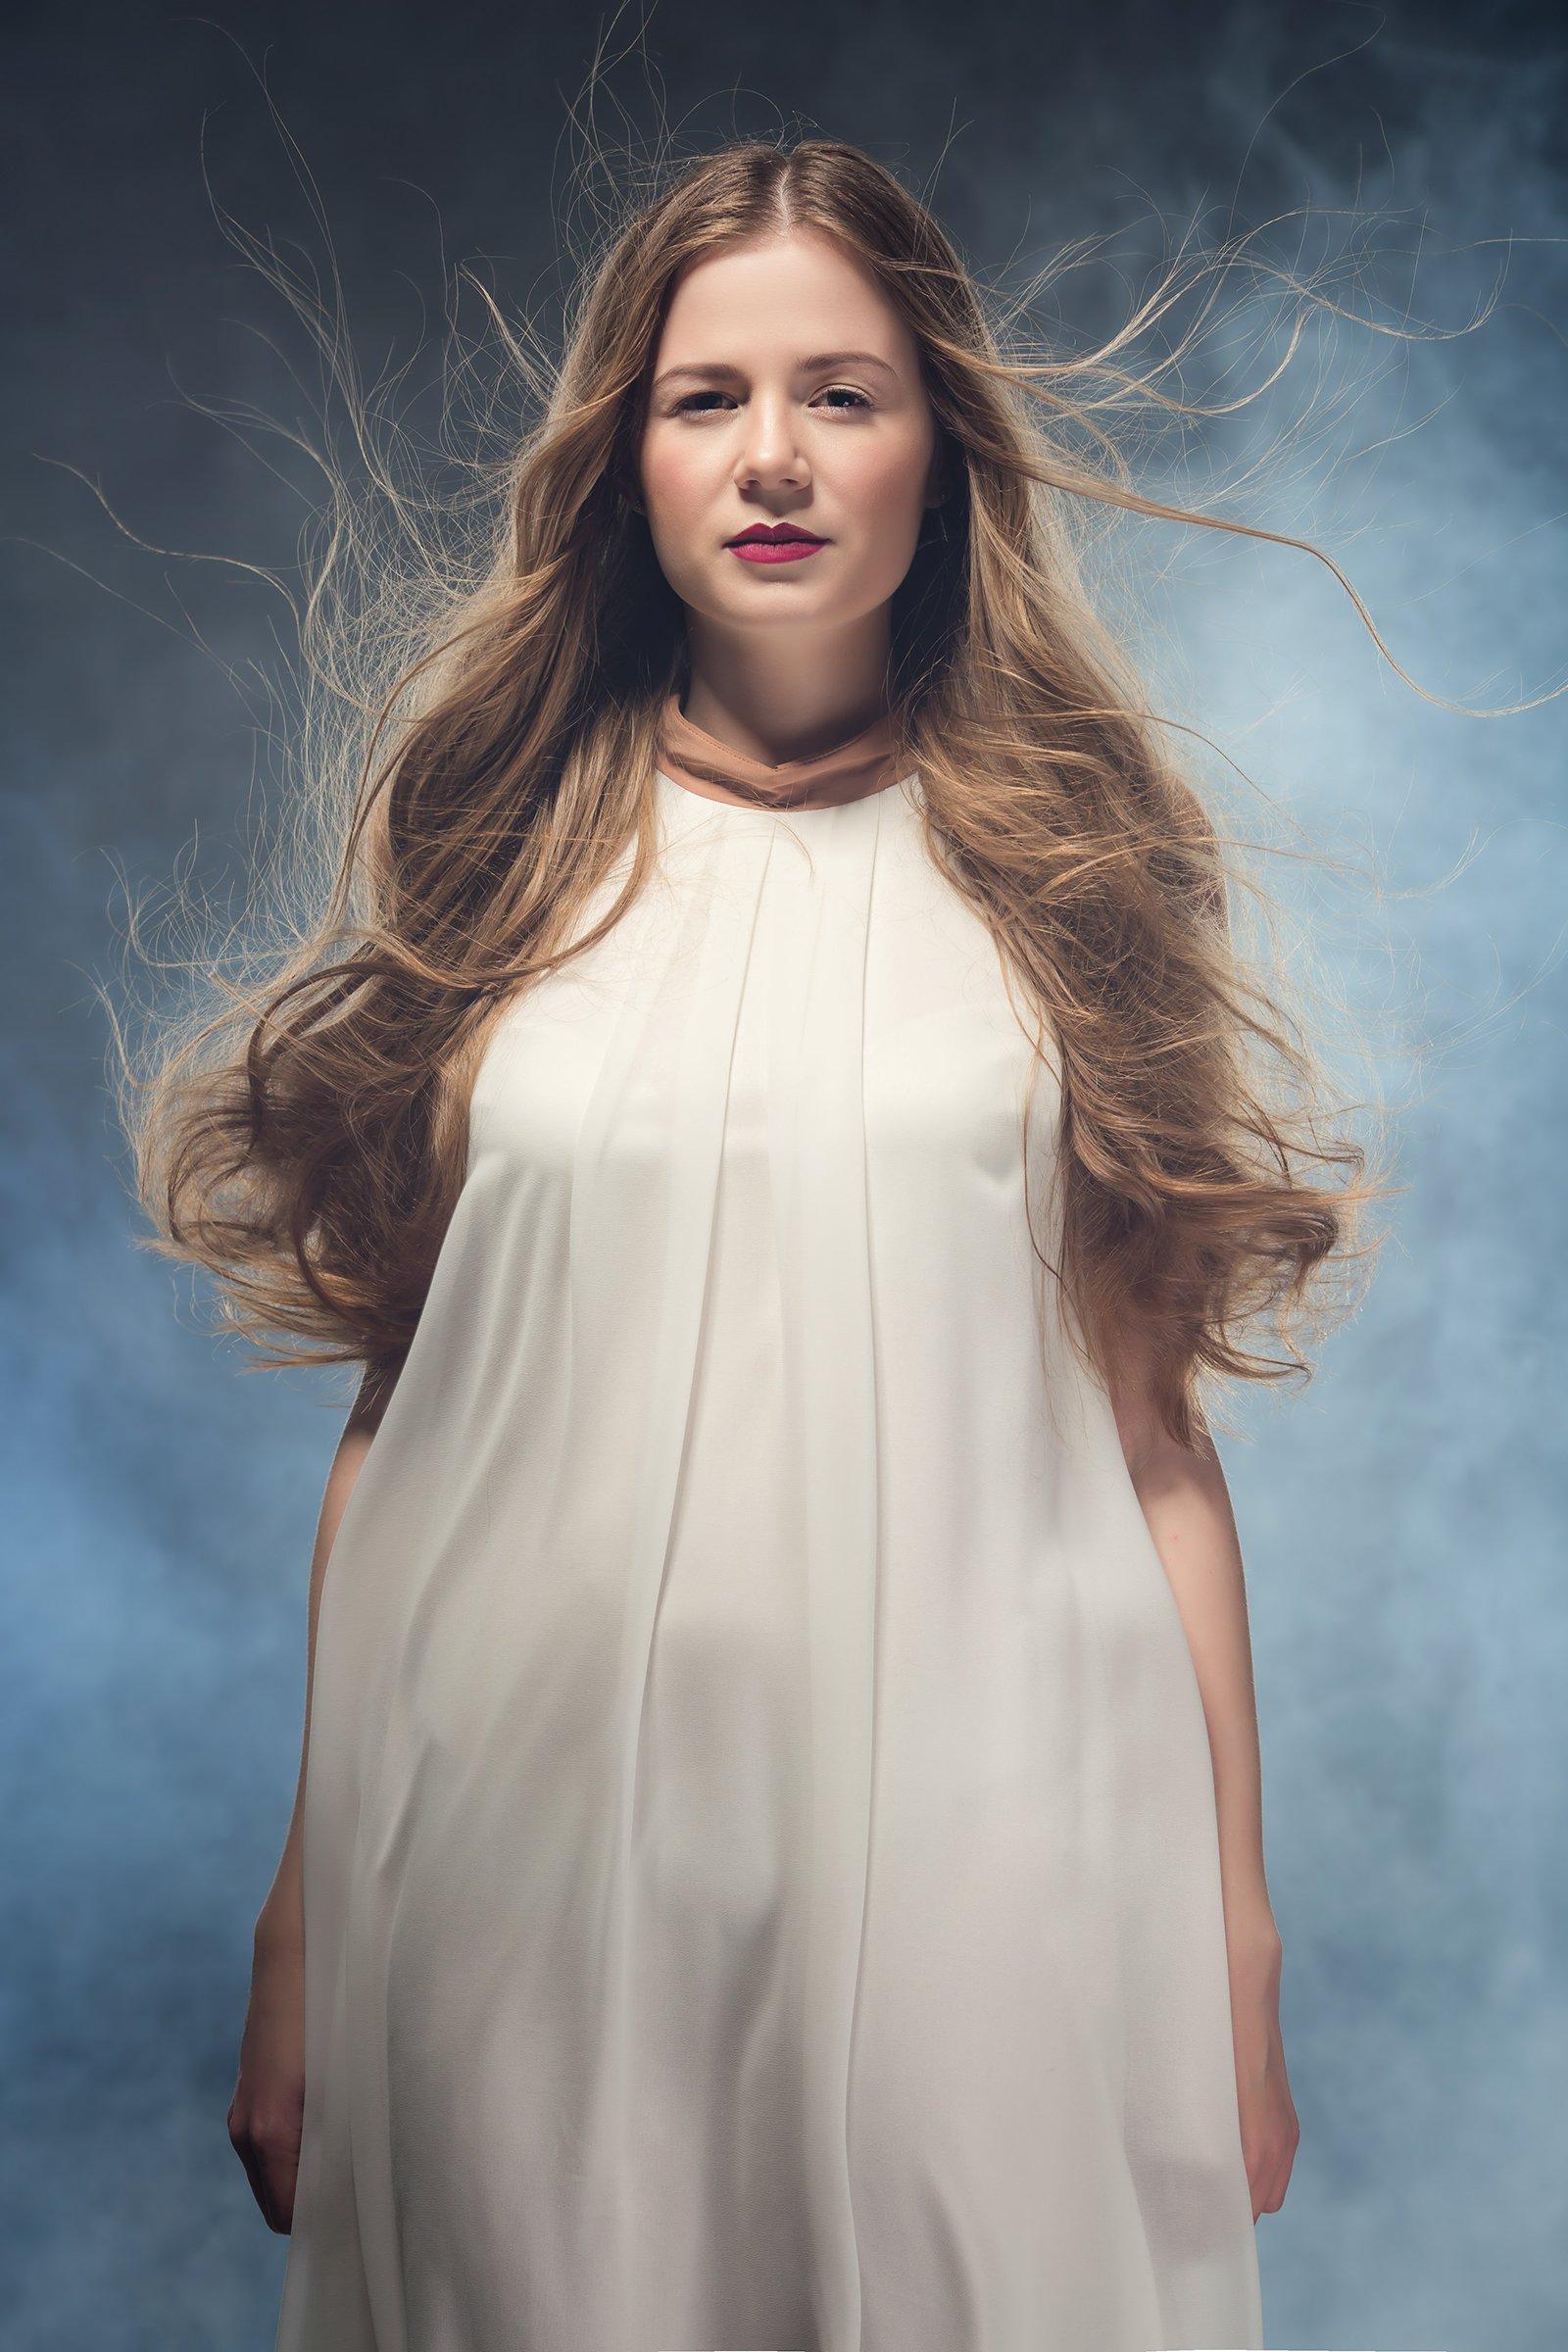 Ветер в волосах, Девушка в белом, Летящие волосы, Фёдоров Денис